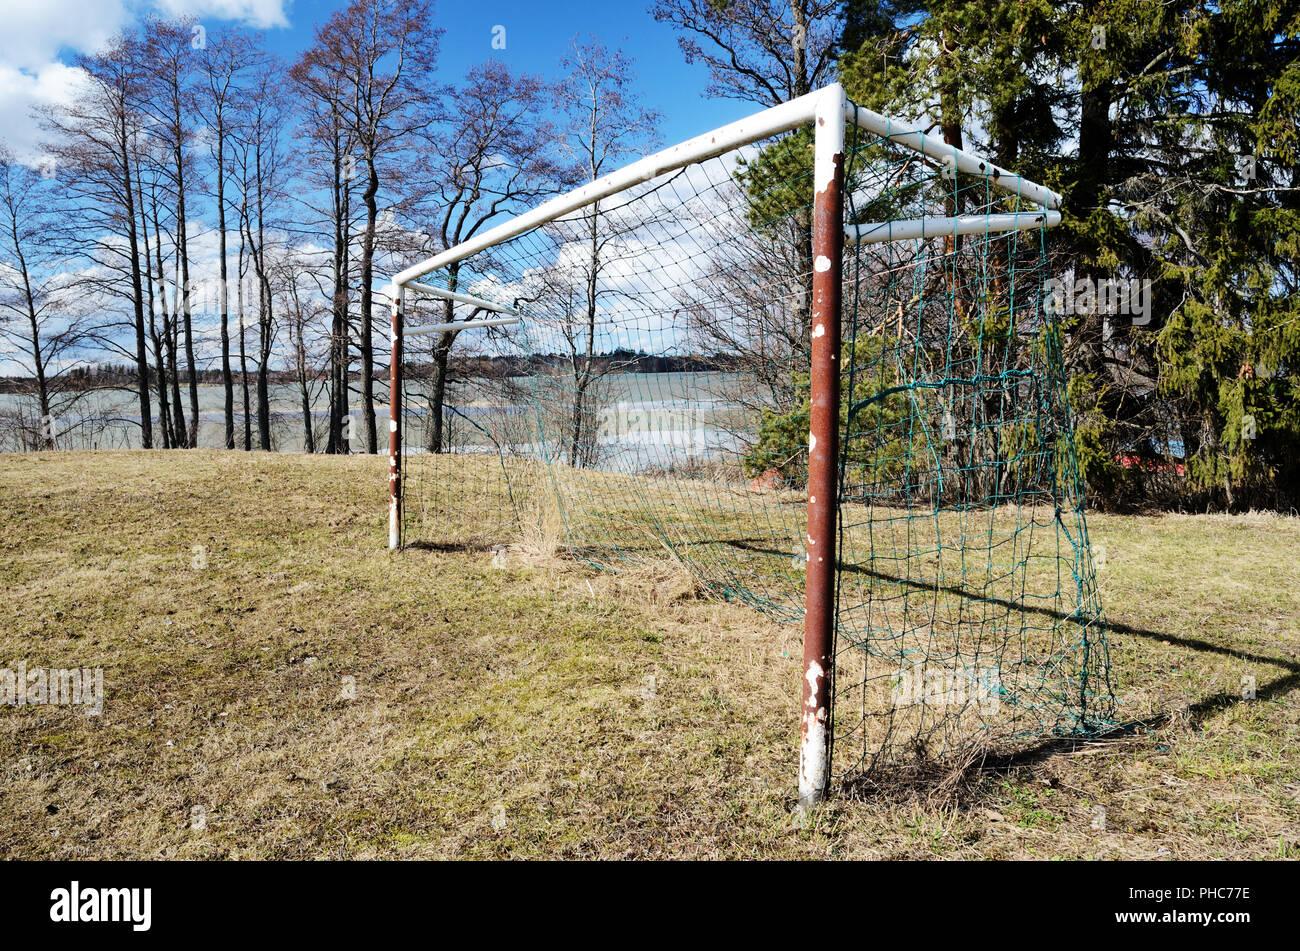 Viejo objetivo de fútbol en el campo de deportes de aldea Imagen De Stock